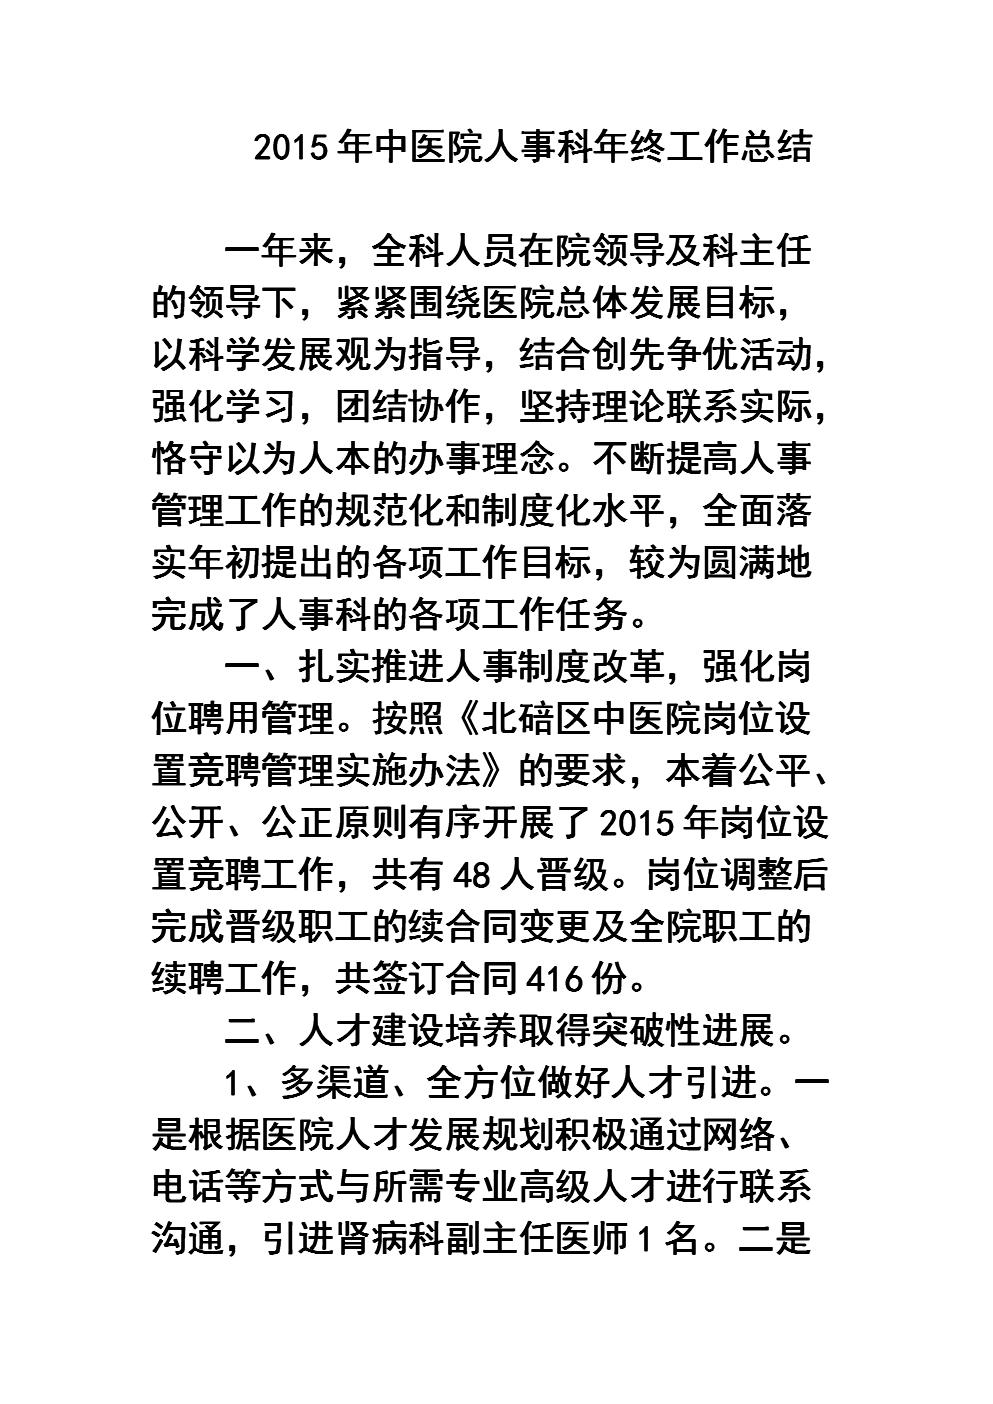 2015年中医院人事科年终工作总结.doc